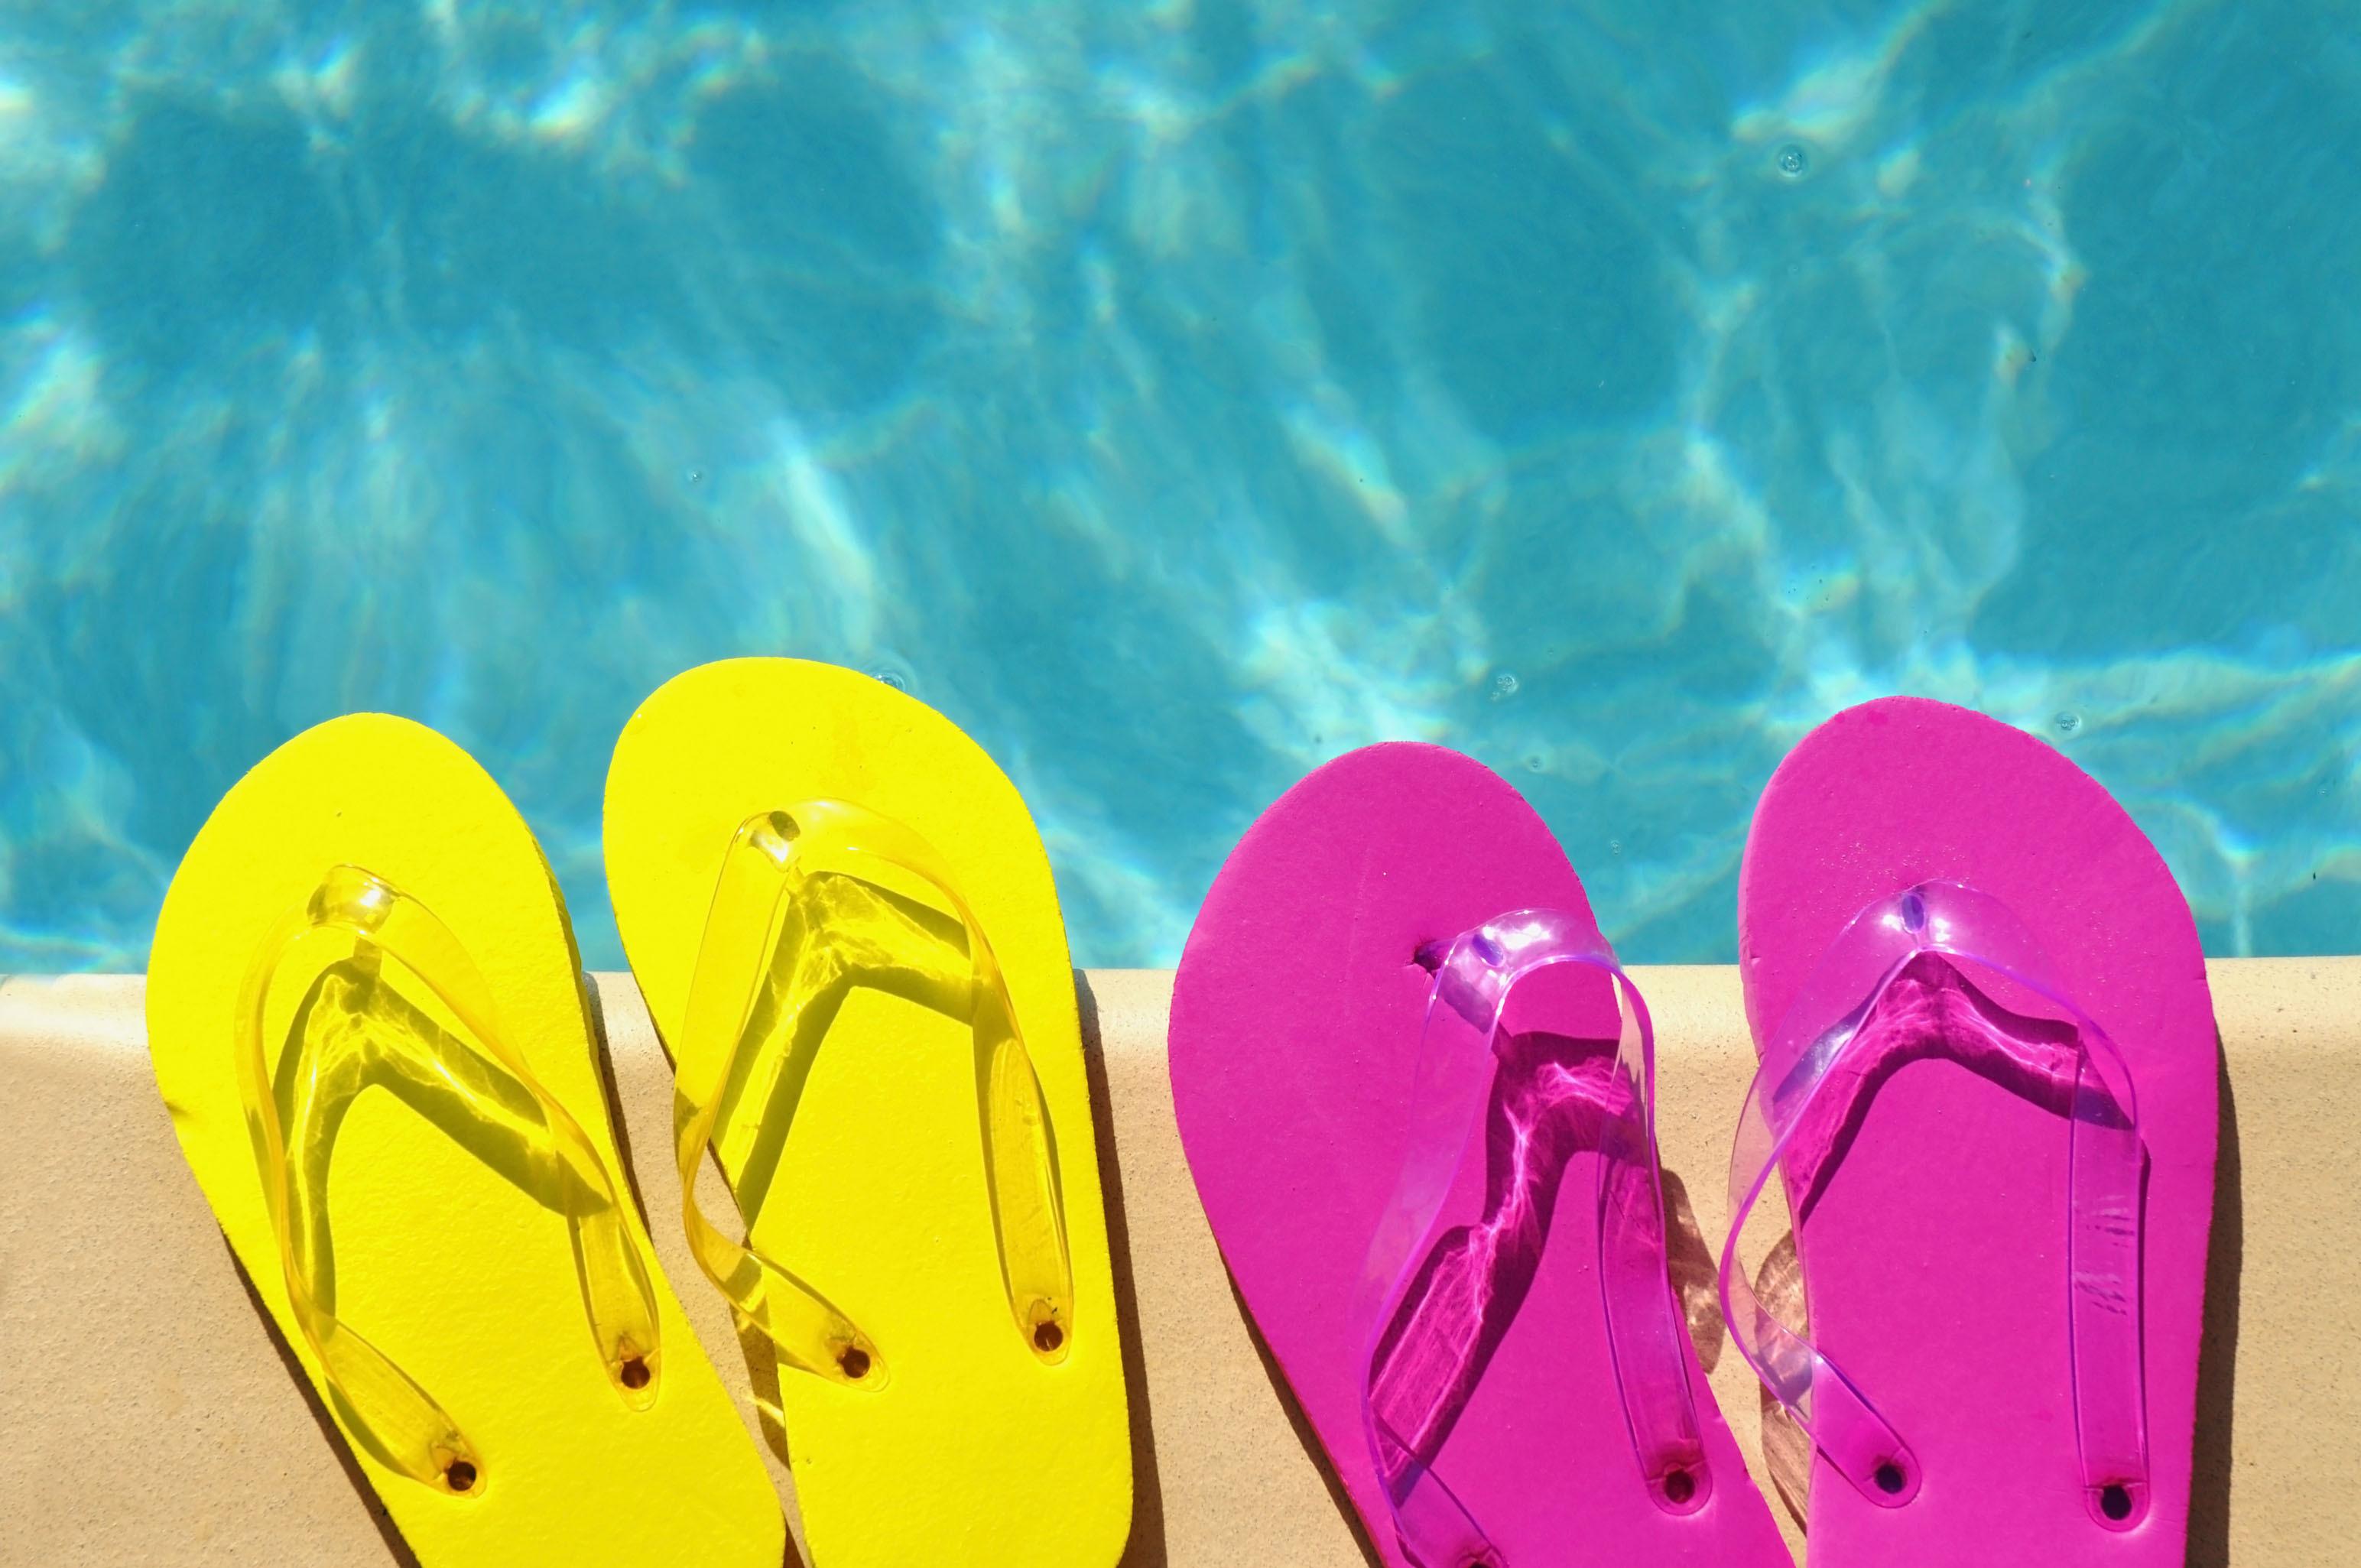 double flip flops by pool